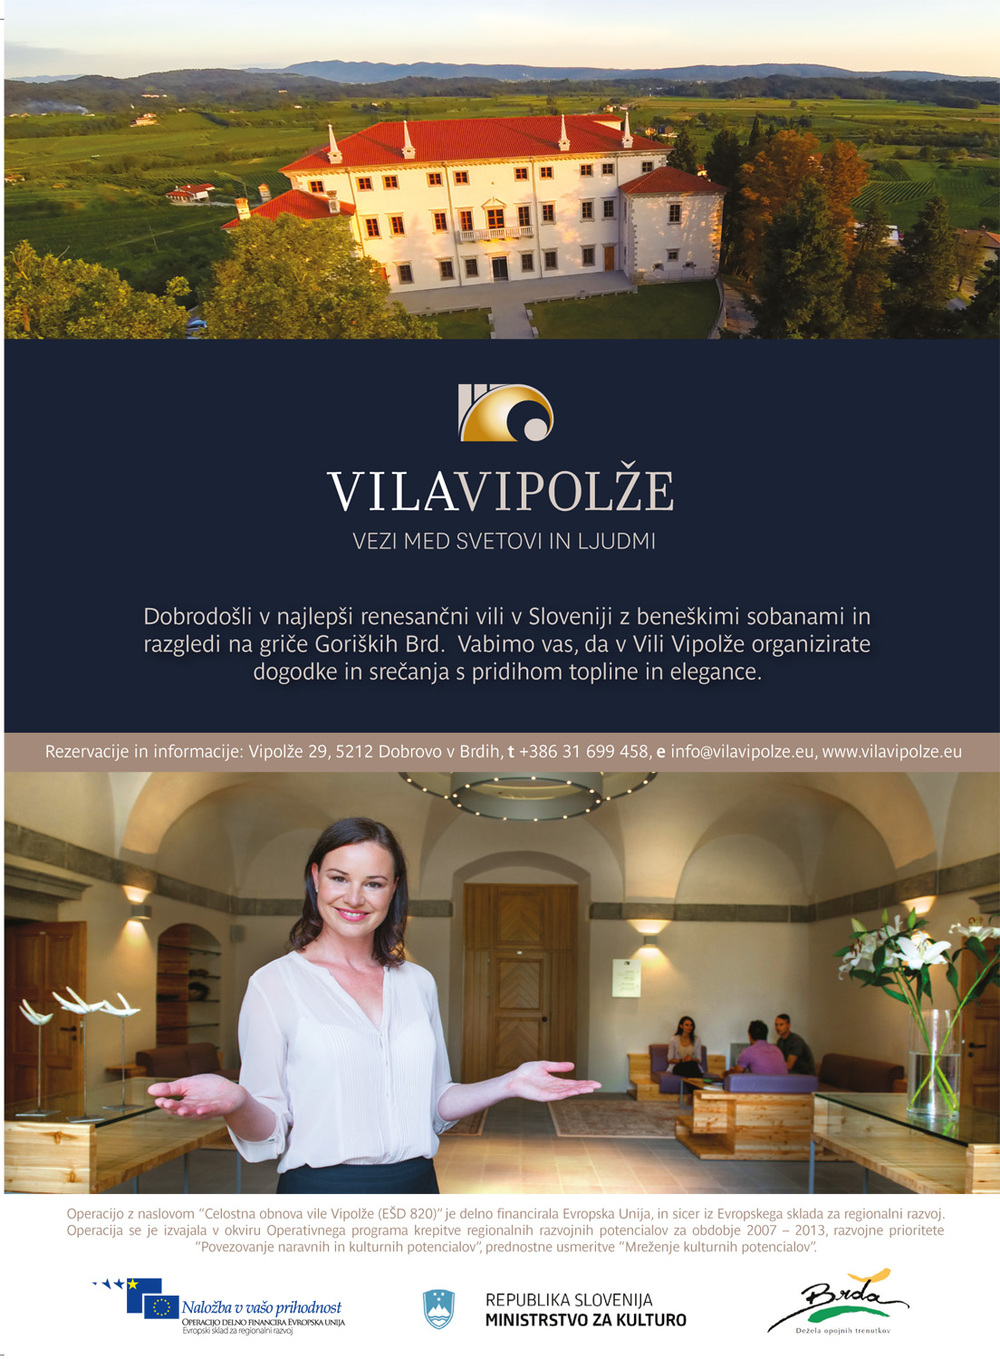 Vila Vipolze